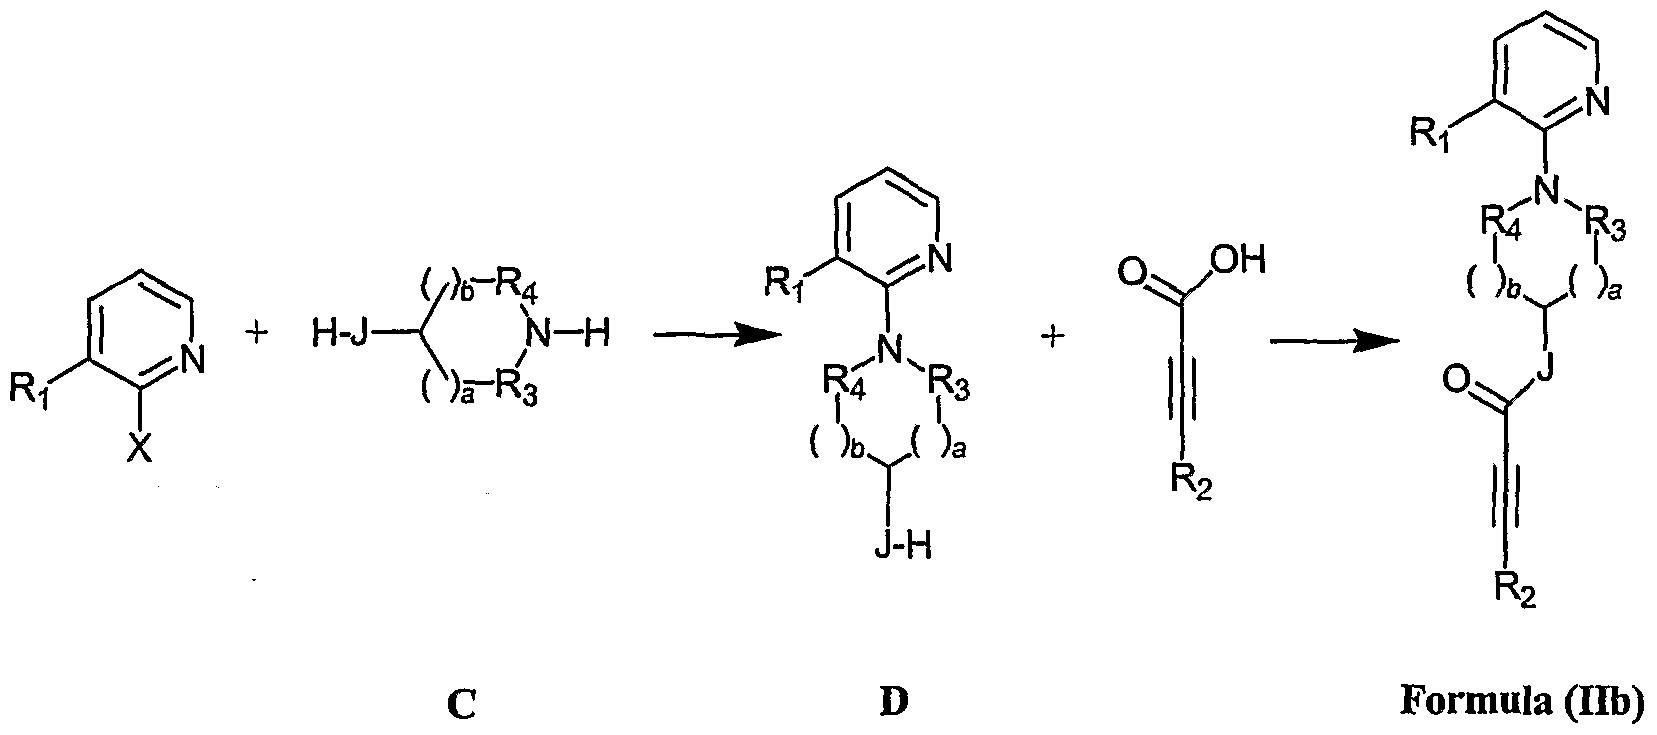 Figure imgf000166_0002